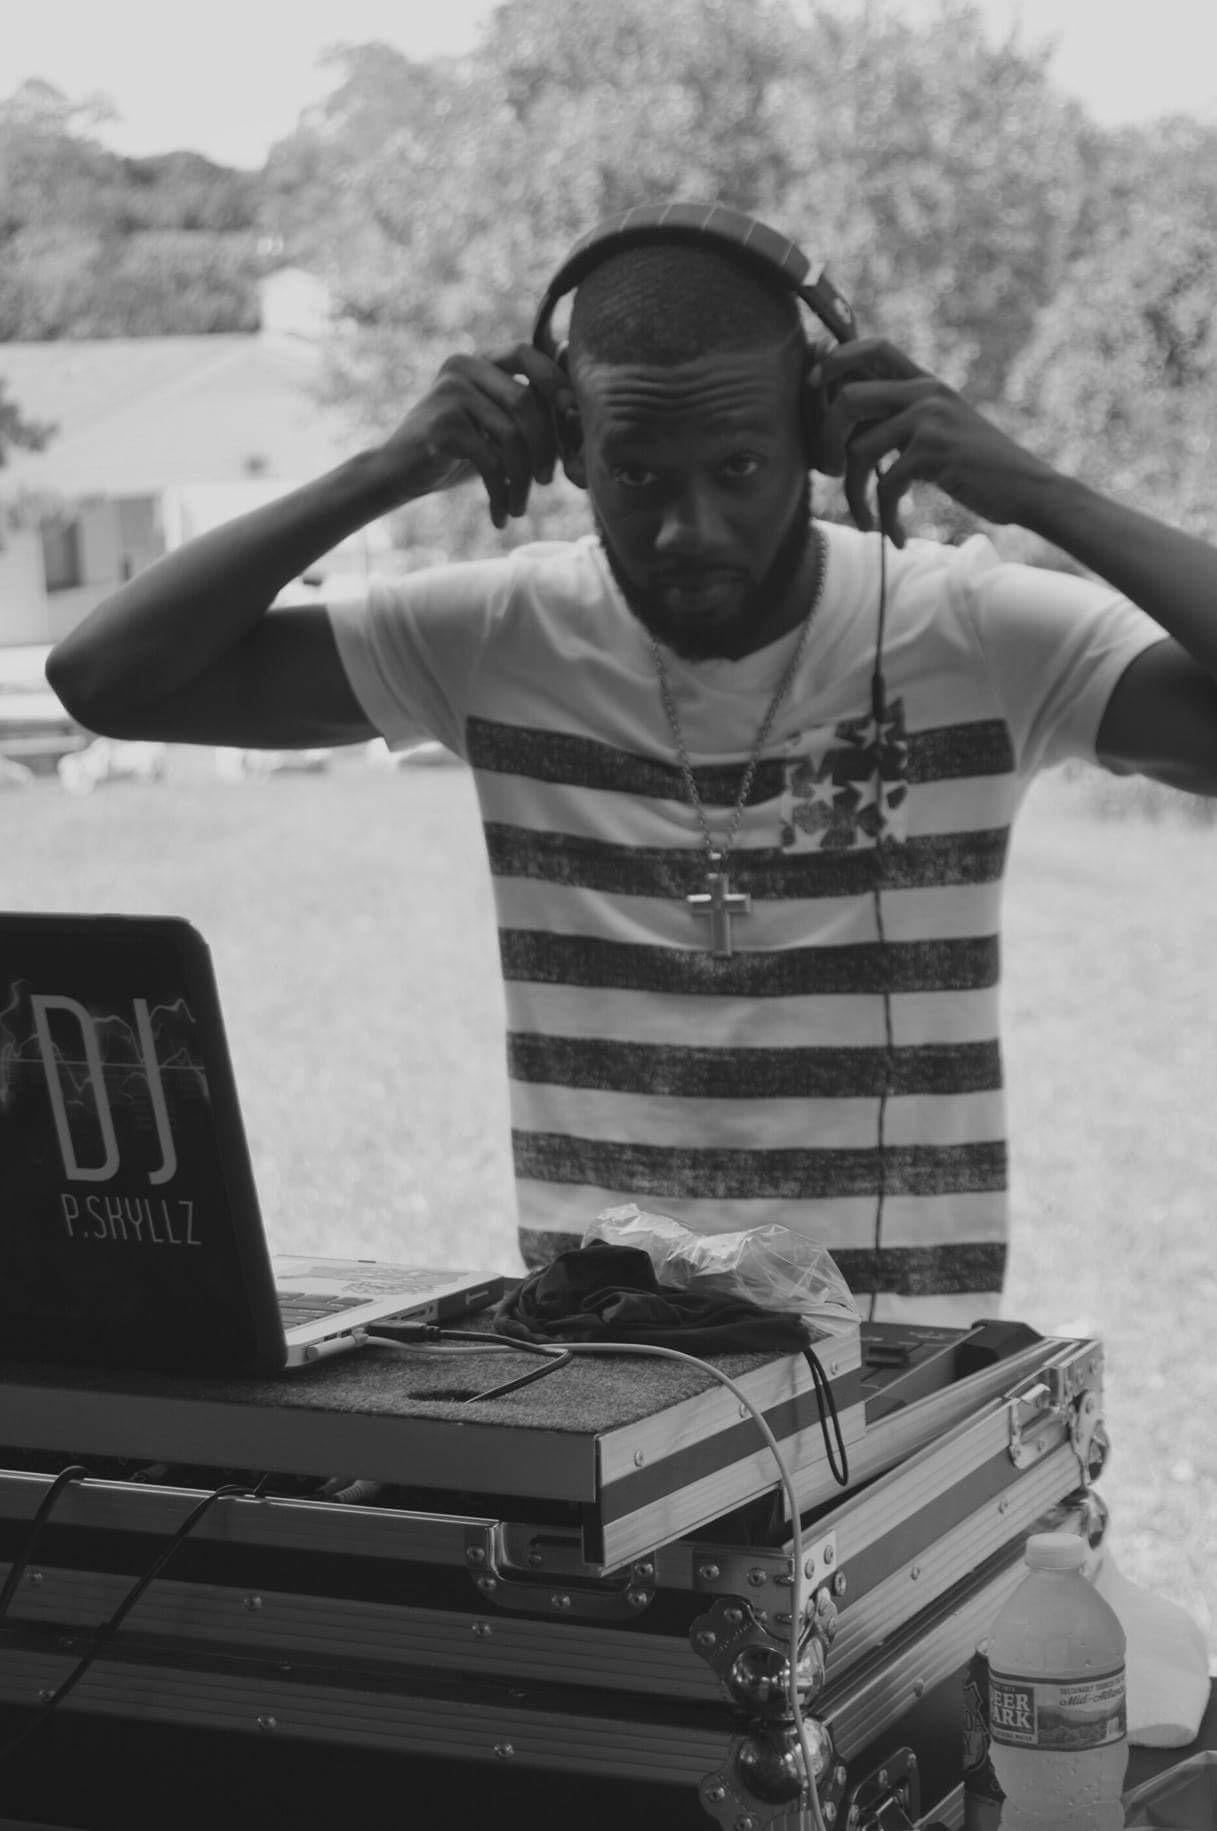 DJ P. Skyllz 46